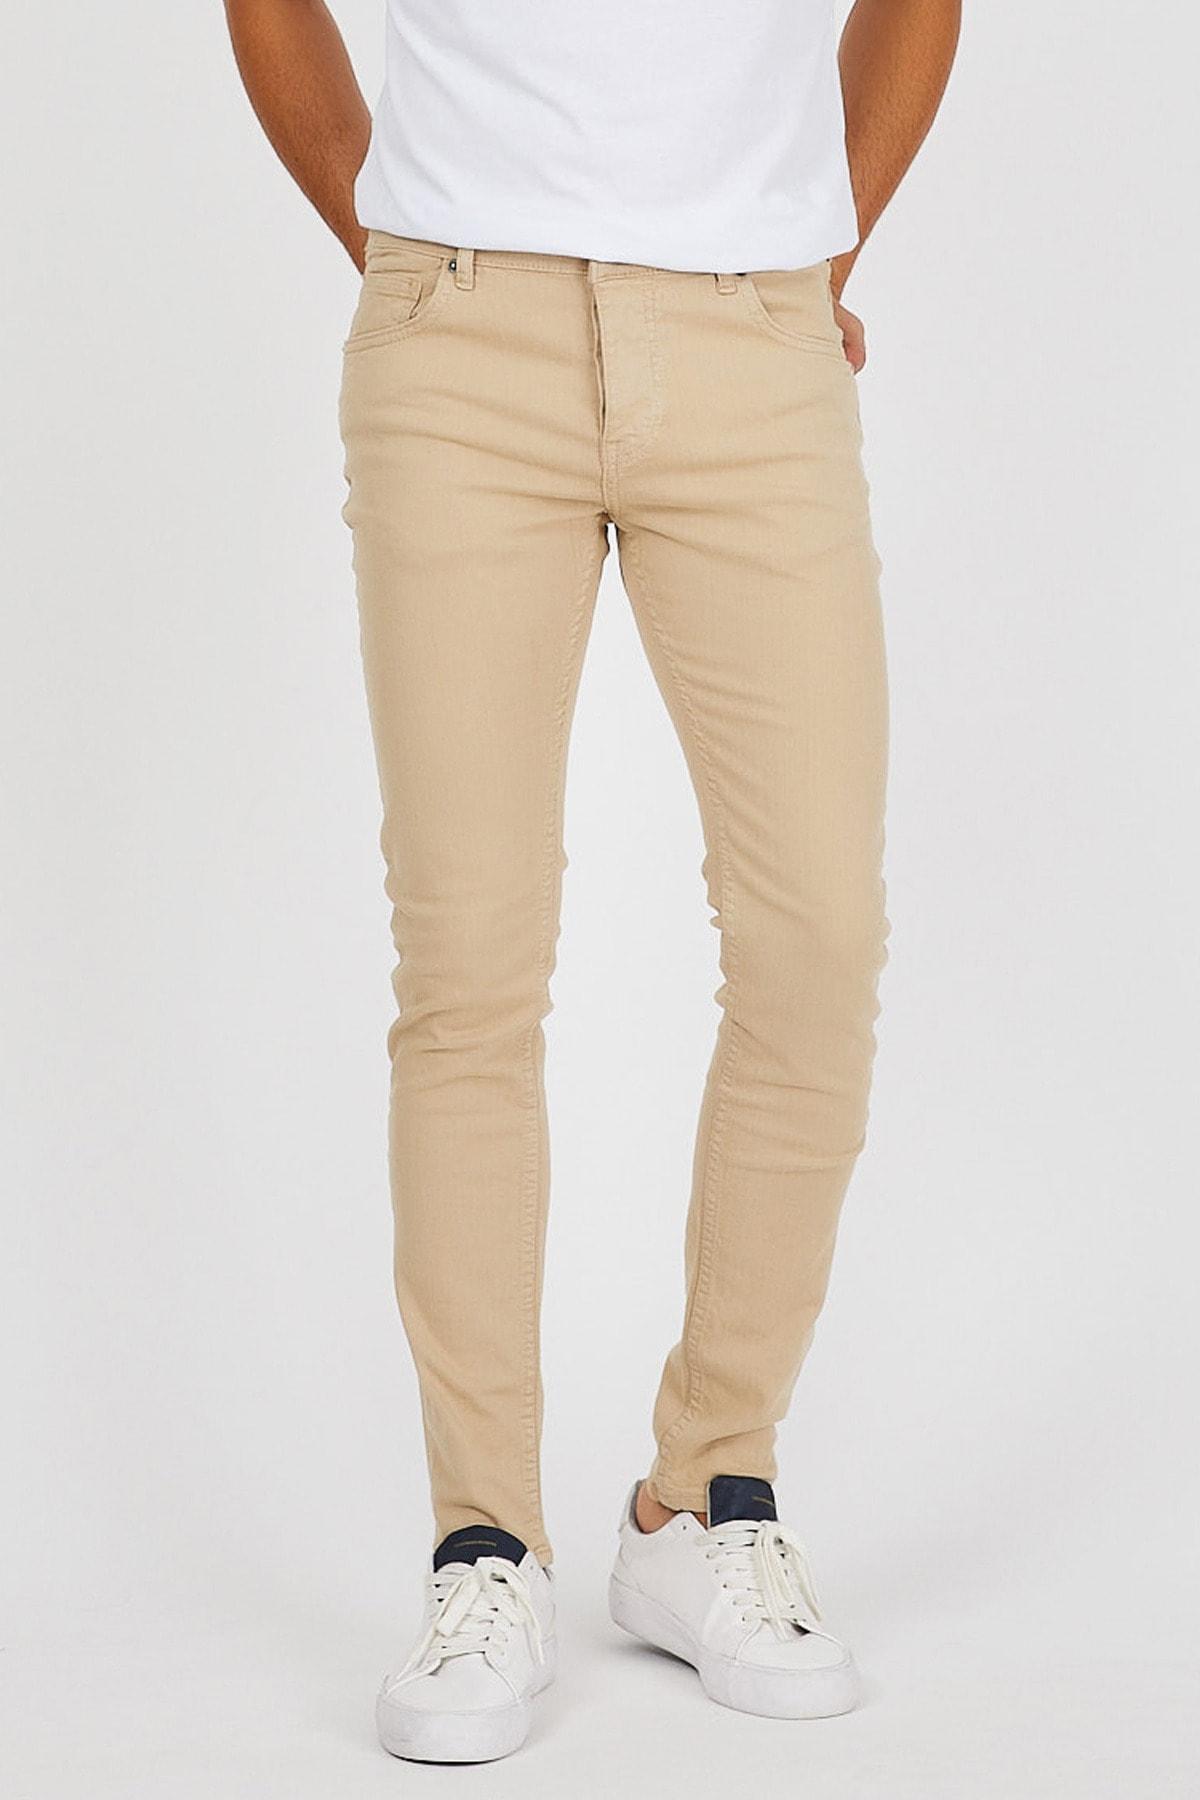 Denim Republic Erkek Krem Slim Fit Pantolon 1